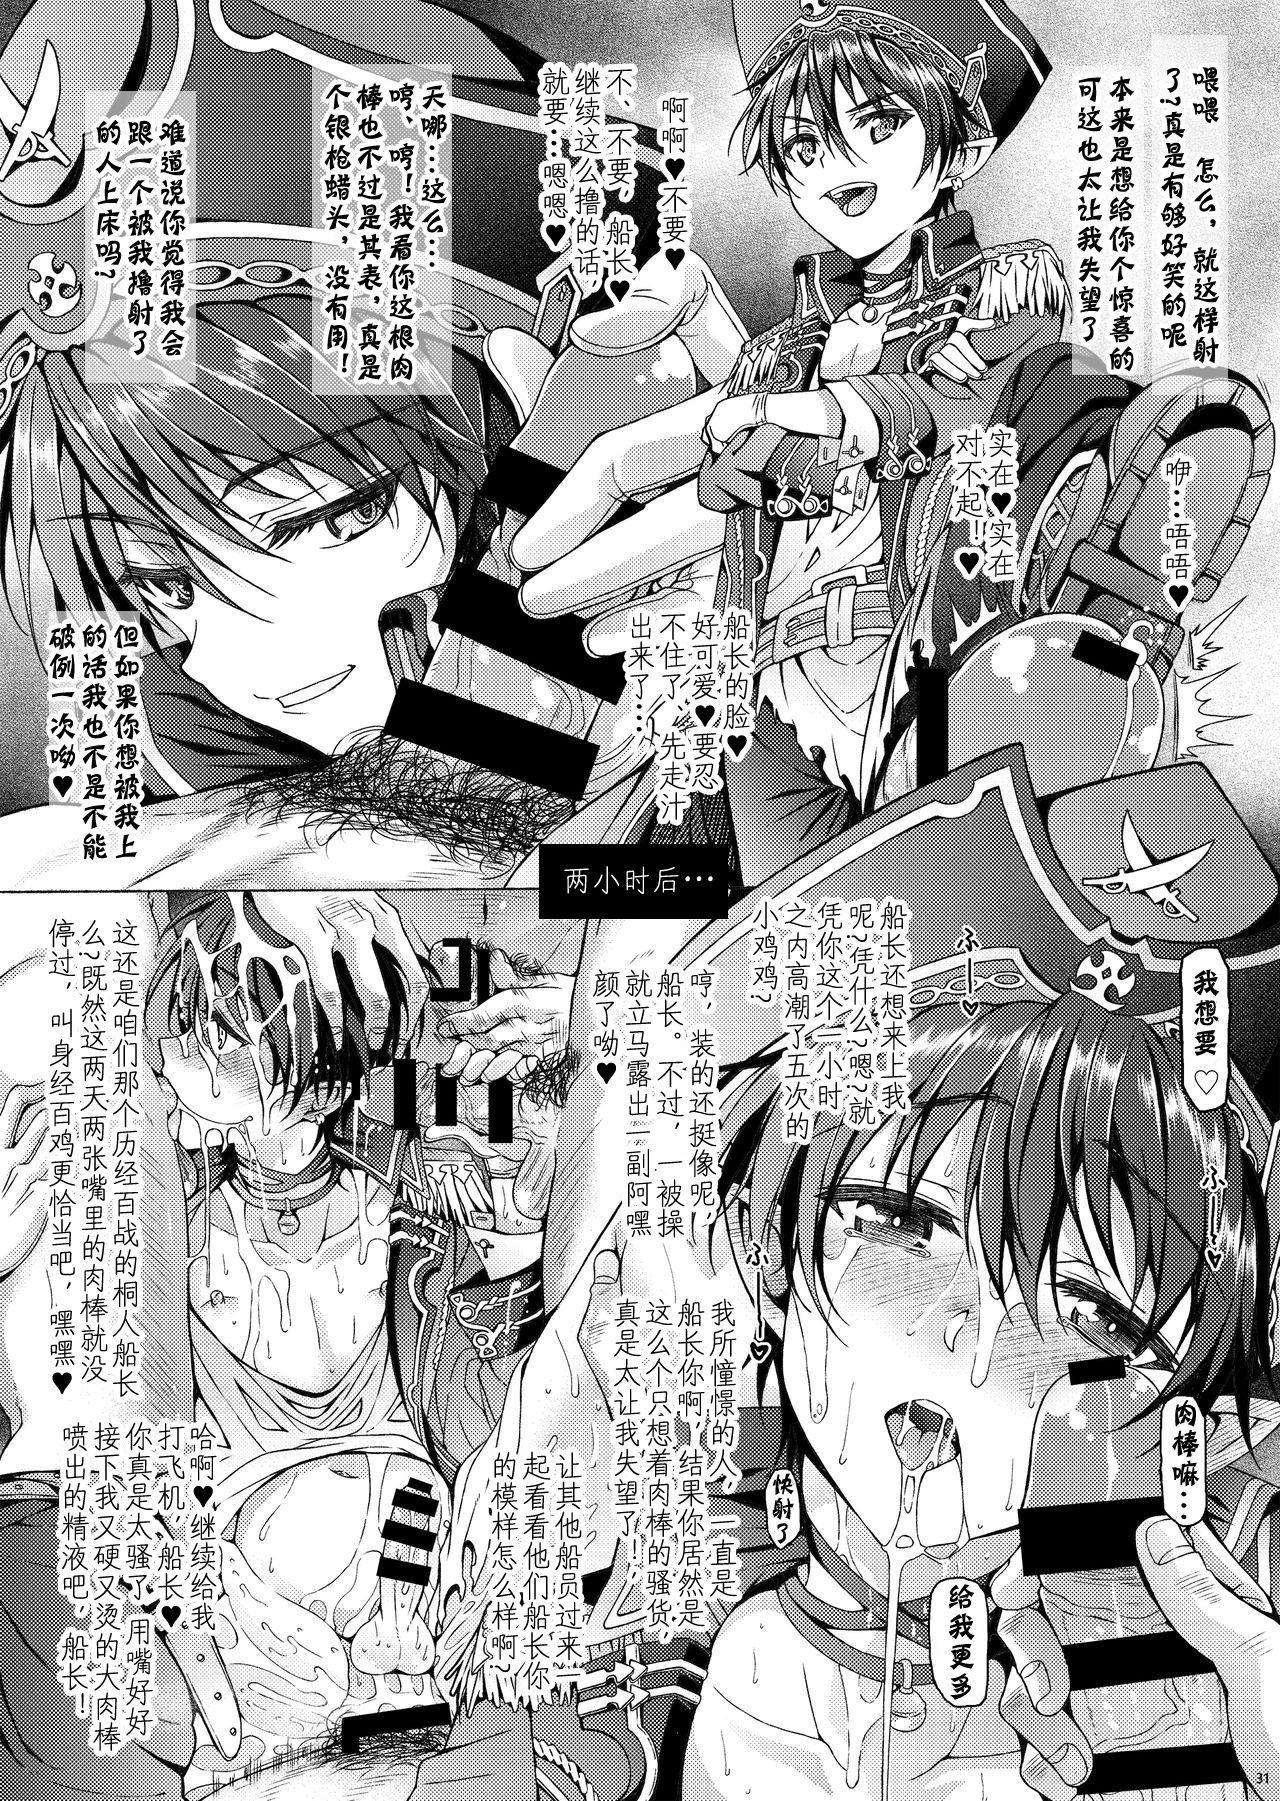 Kuro no Kenshi Ryoujoku 31